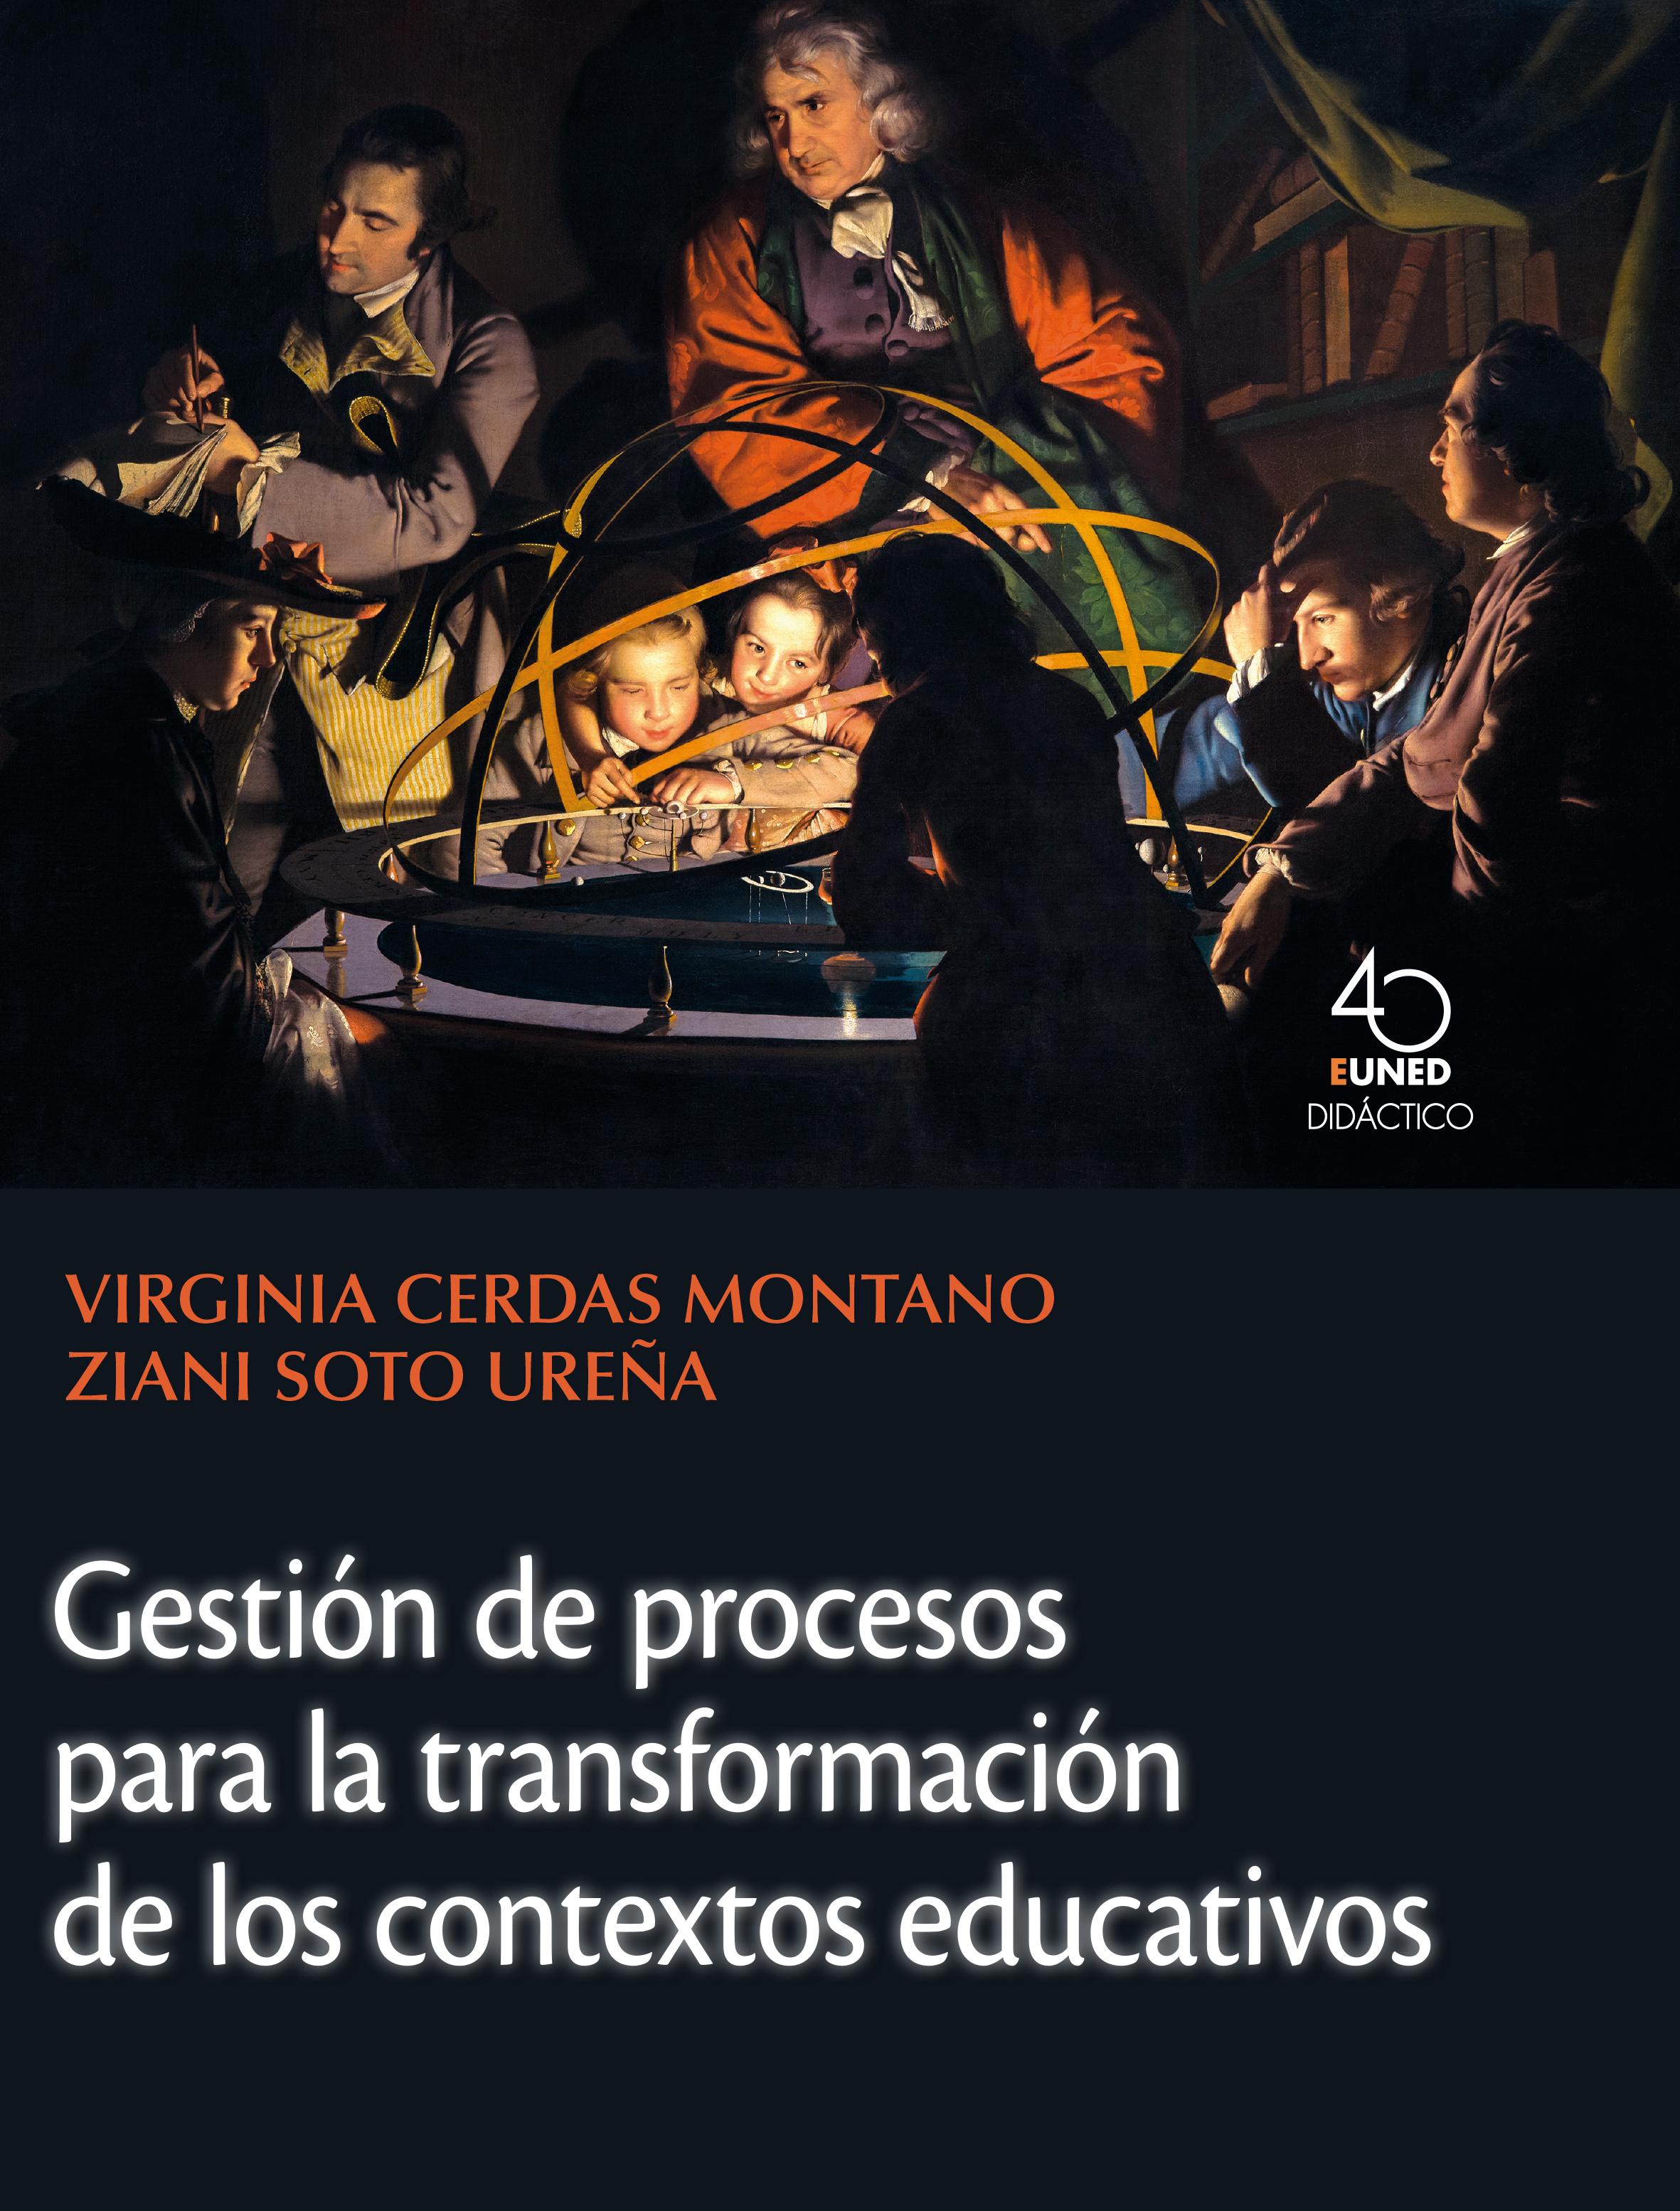 Gestión de procesos para la transformación de los contextos educativos